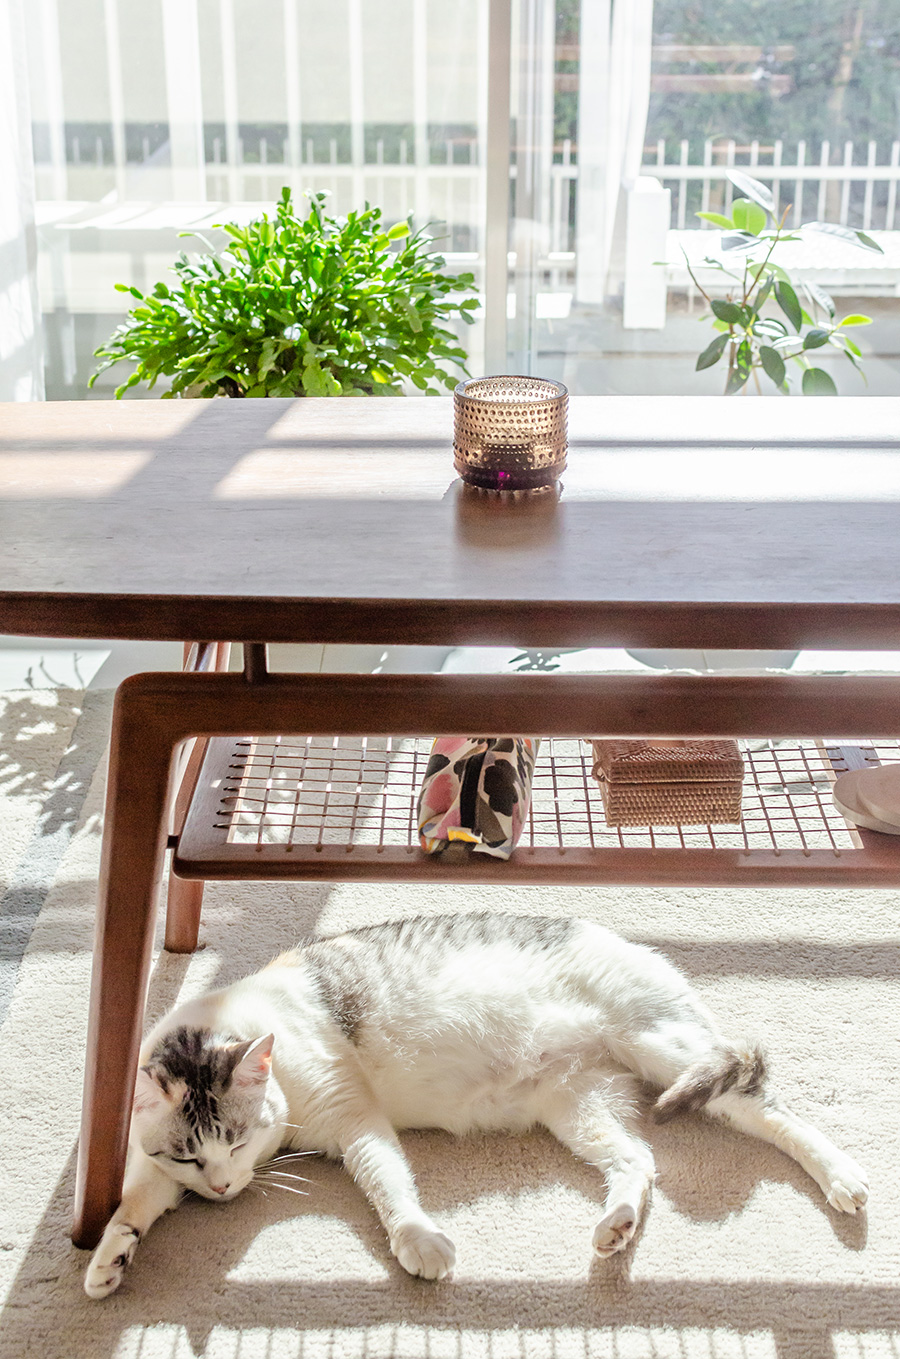 愛猫の〇〇は、デンマークでも共に暮らした。